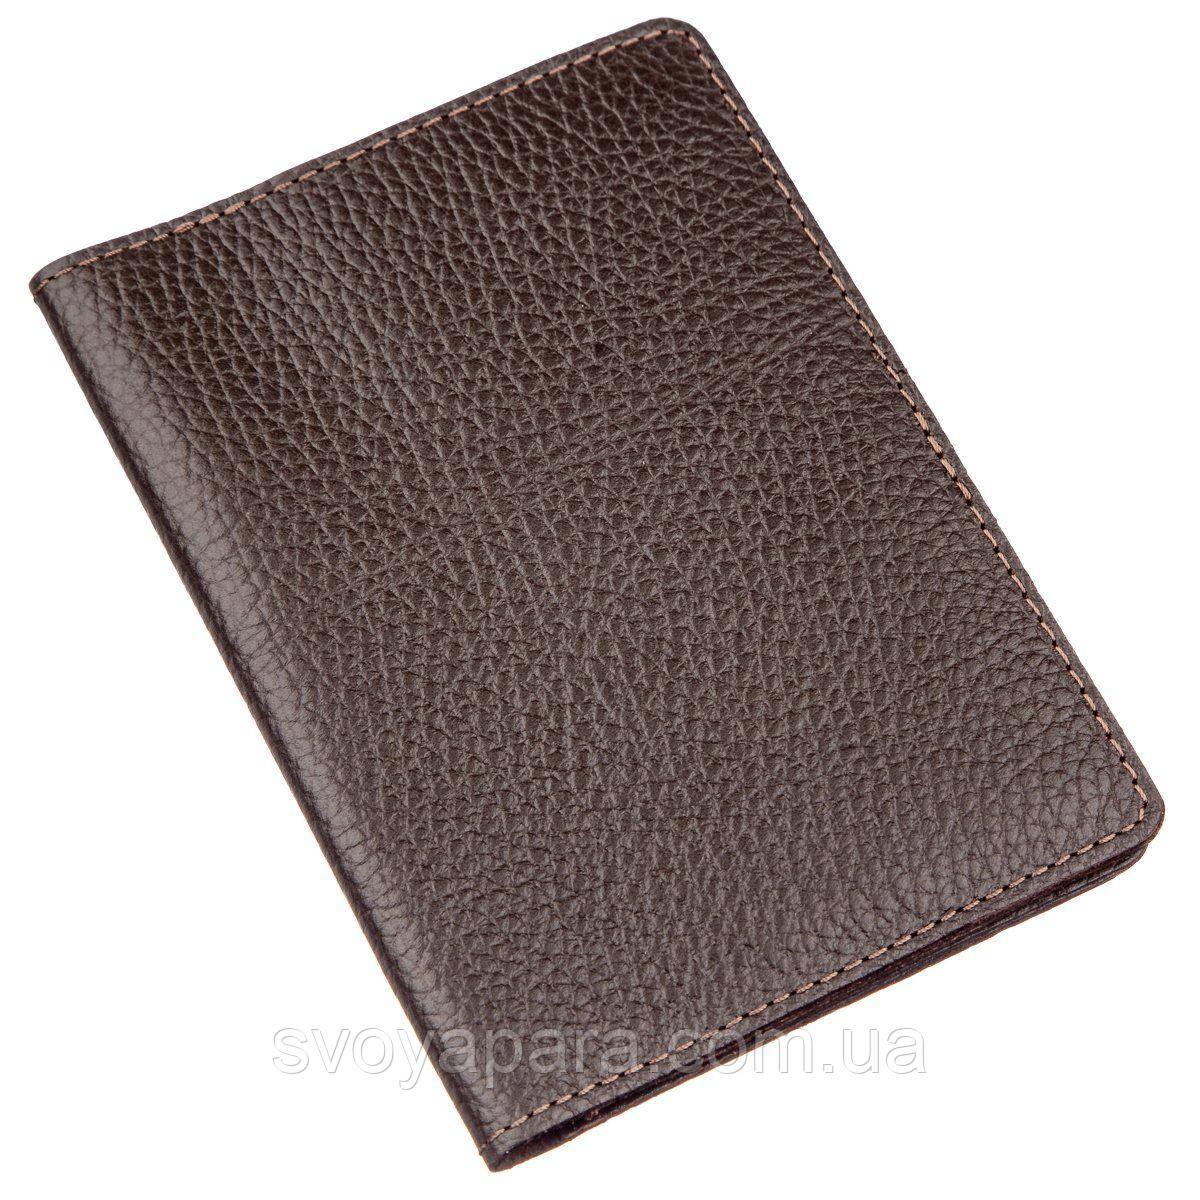 Бумажник-обложка для паспорта Shvigel 13960 кожаная Коричневая